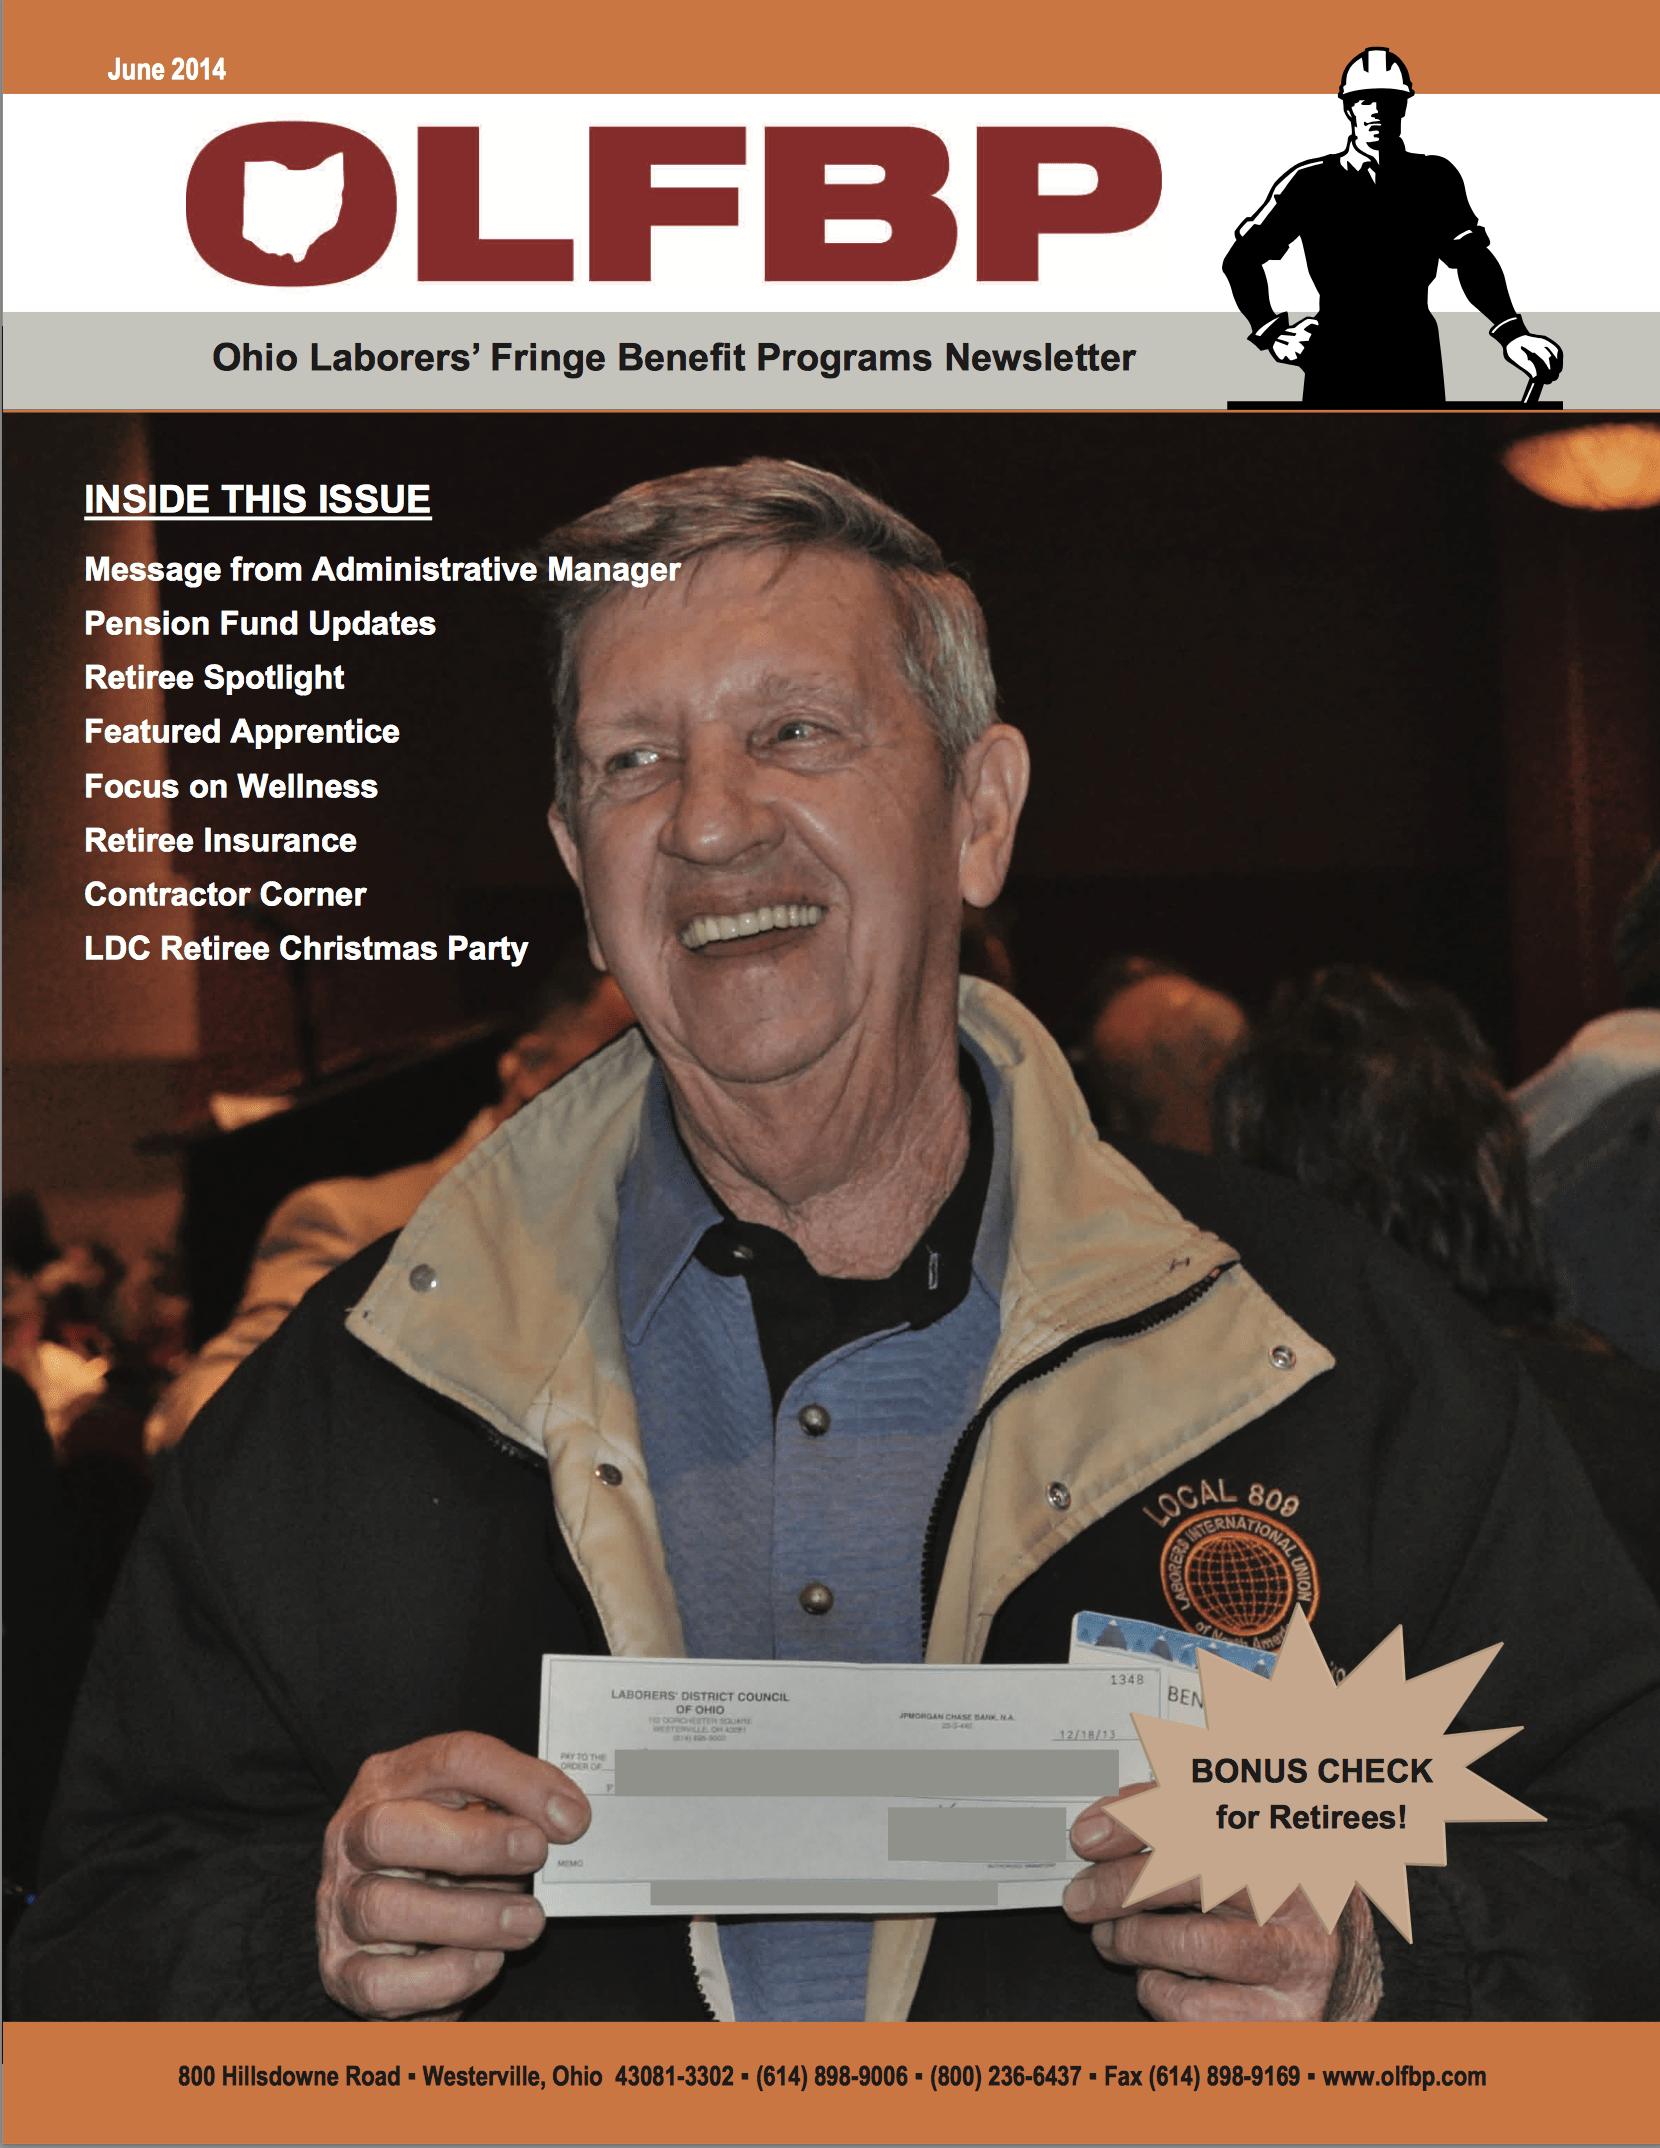 June 2014 Newsletter cover